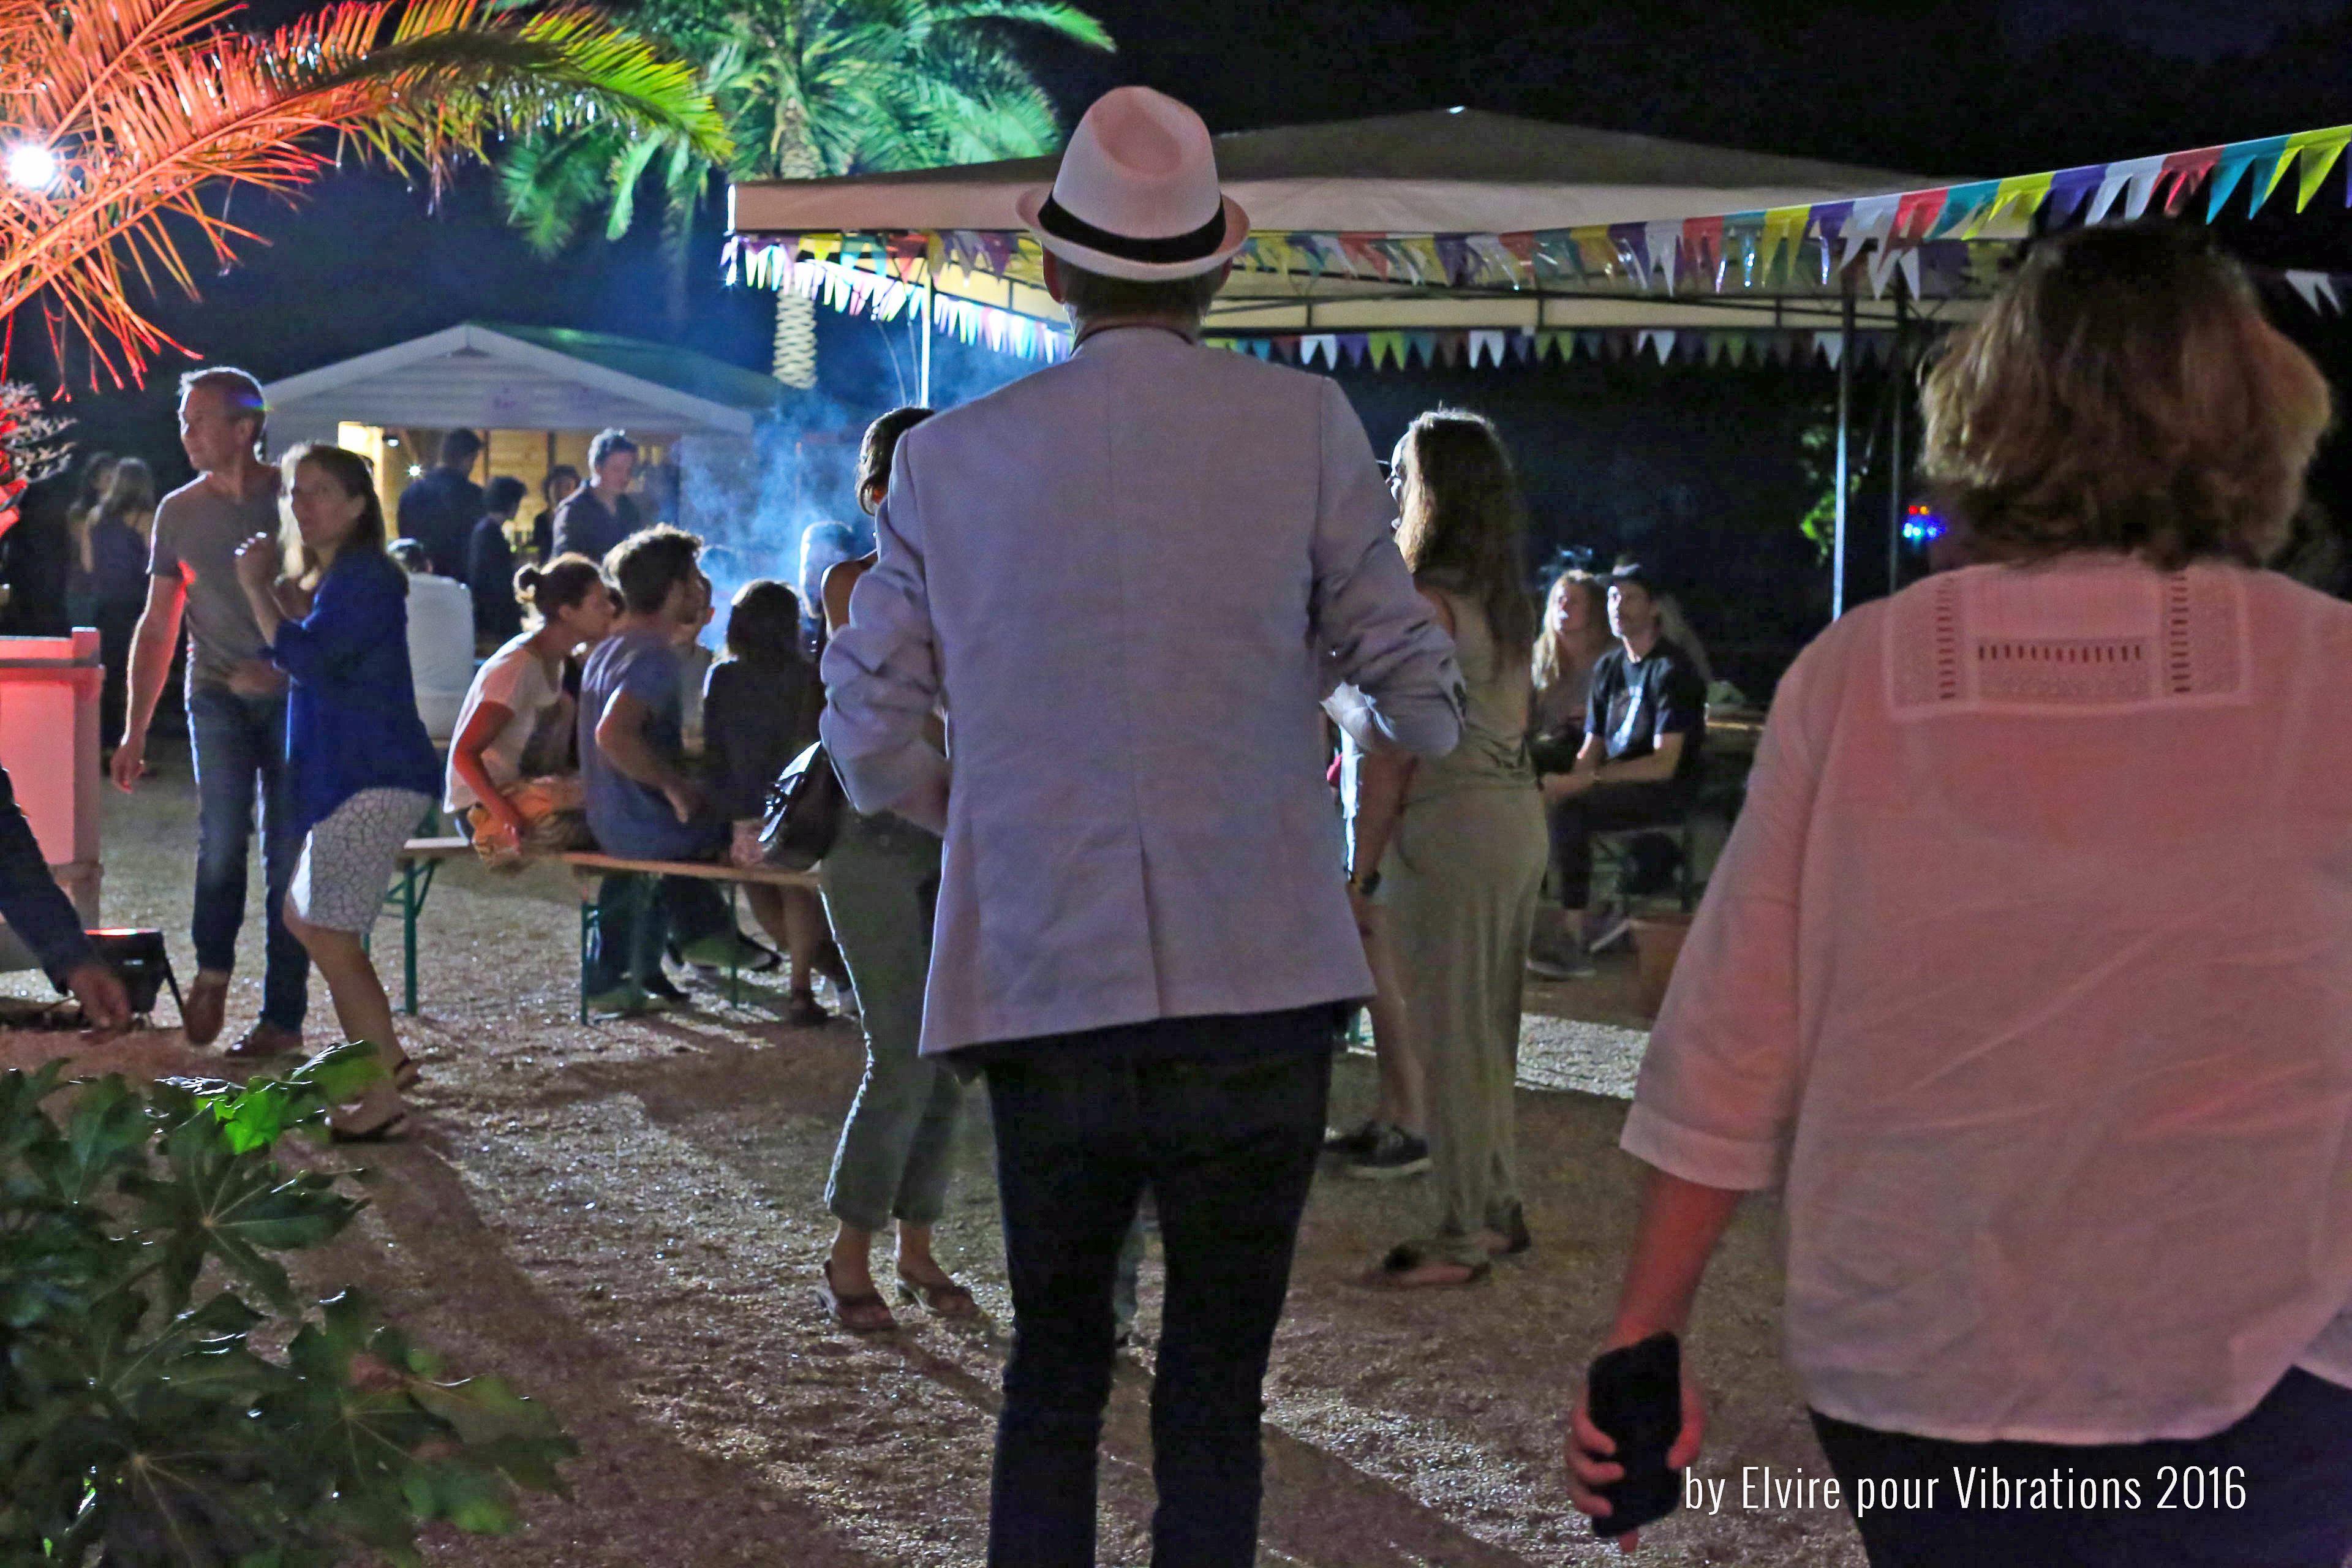 PASS FESTIVAL VIBRATIONS : 3 concerts du soir entre le 27/08 et le 02/09